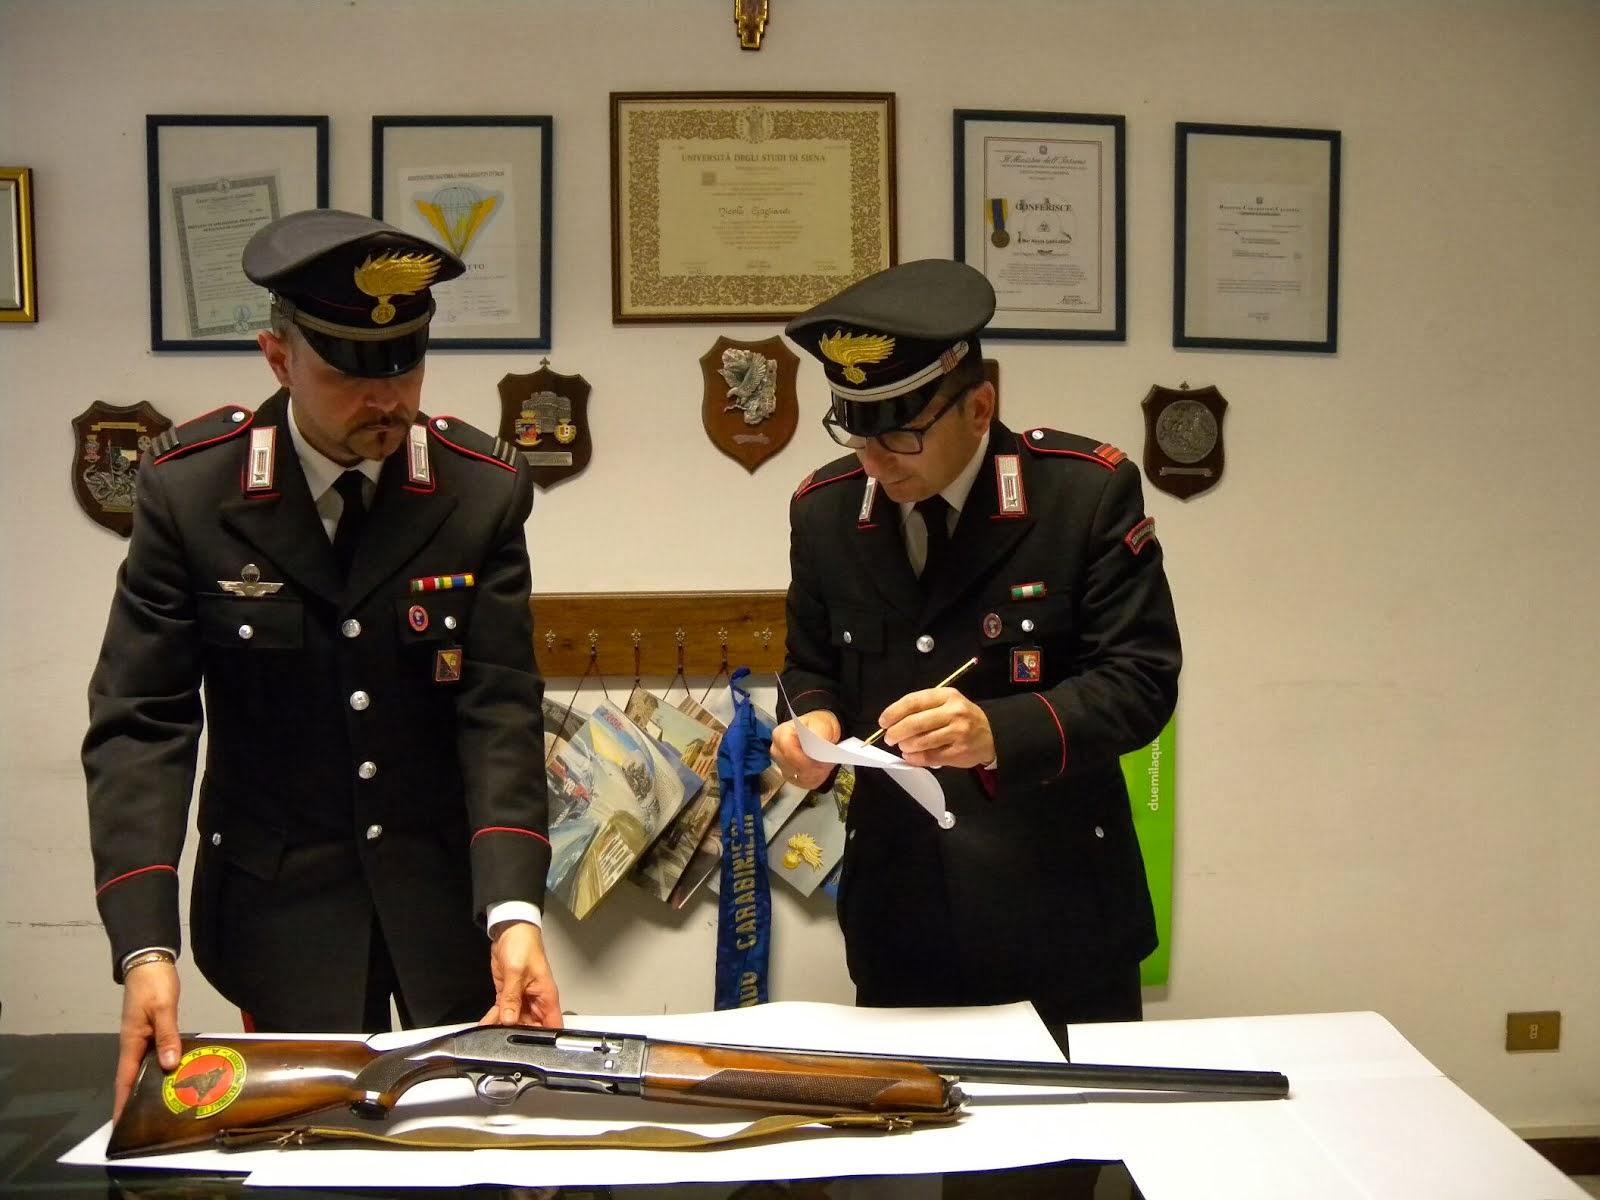 Armi seguestrate dai Carabinieri